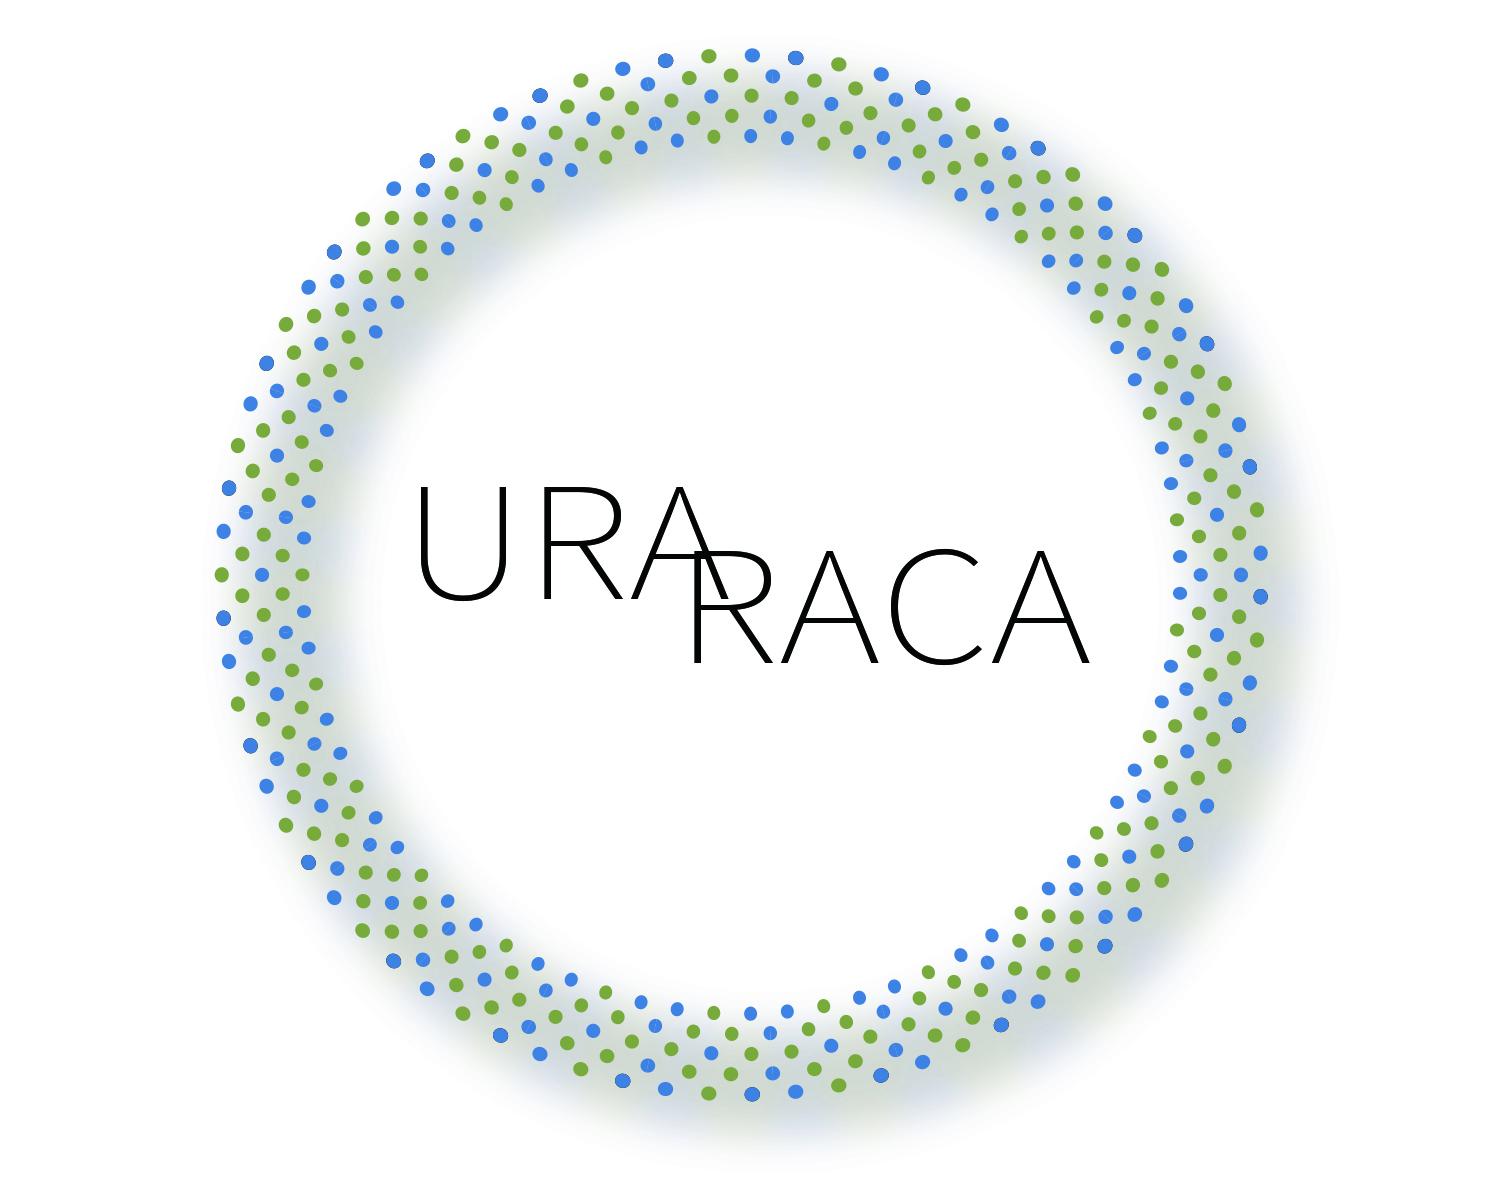 URARACA